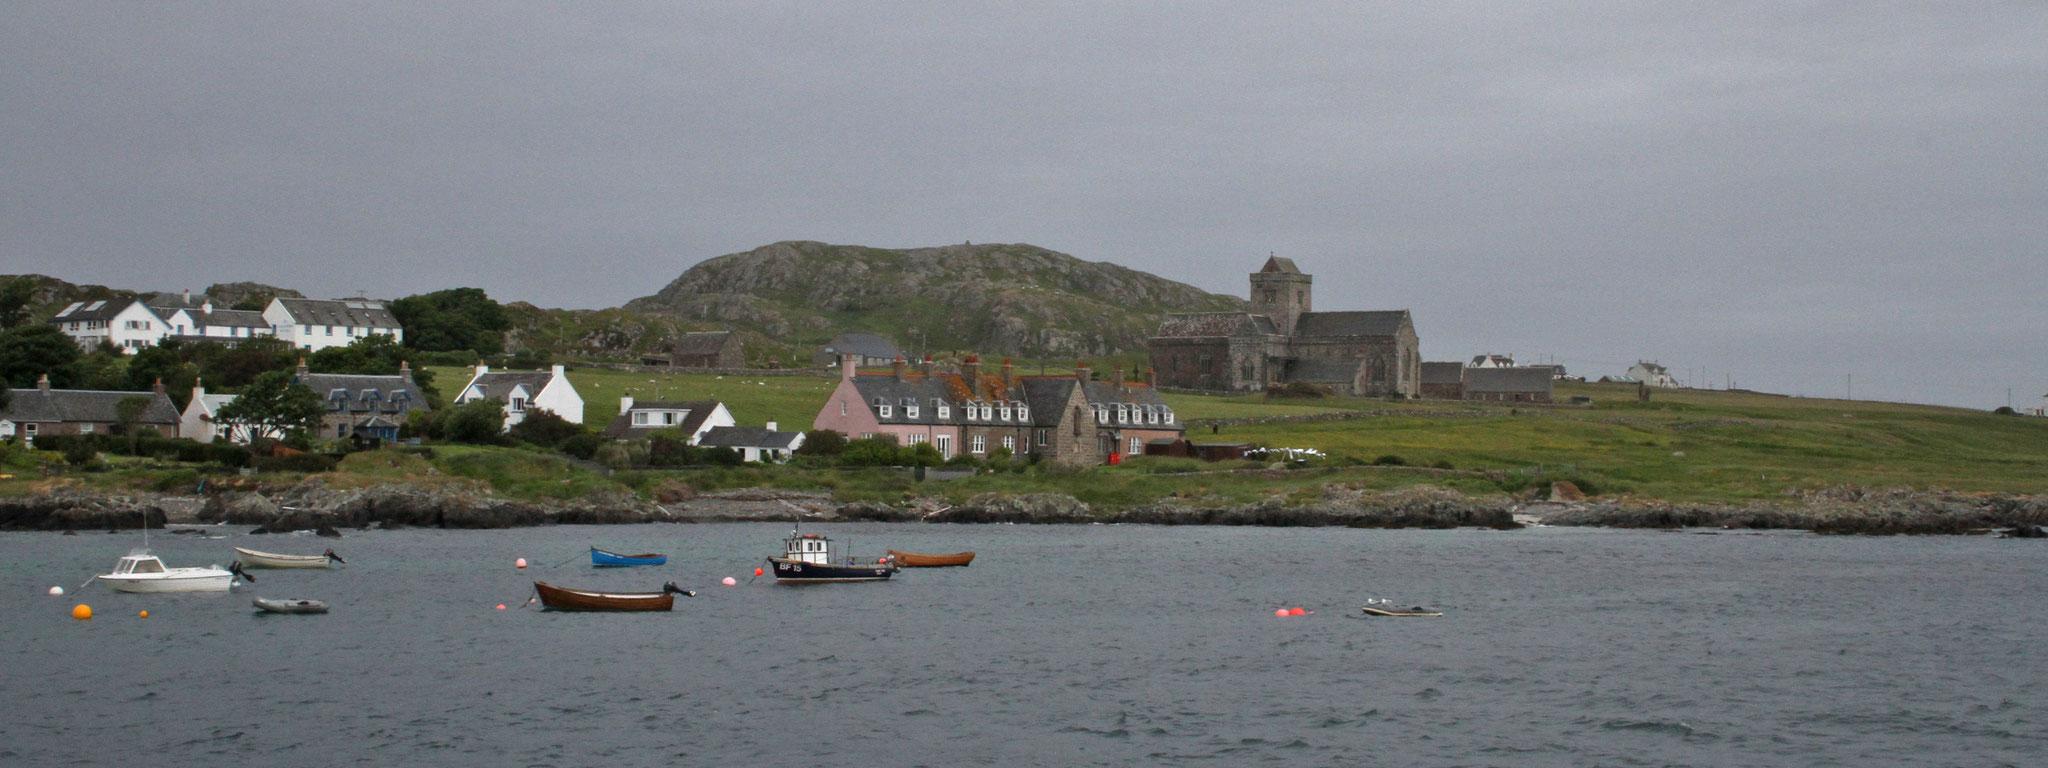 Nach drei Tagen nehmen wir Abschied von Iona und wechseln auf die Hauptinsel Mull.